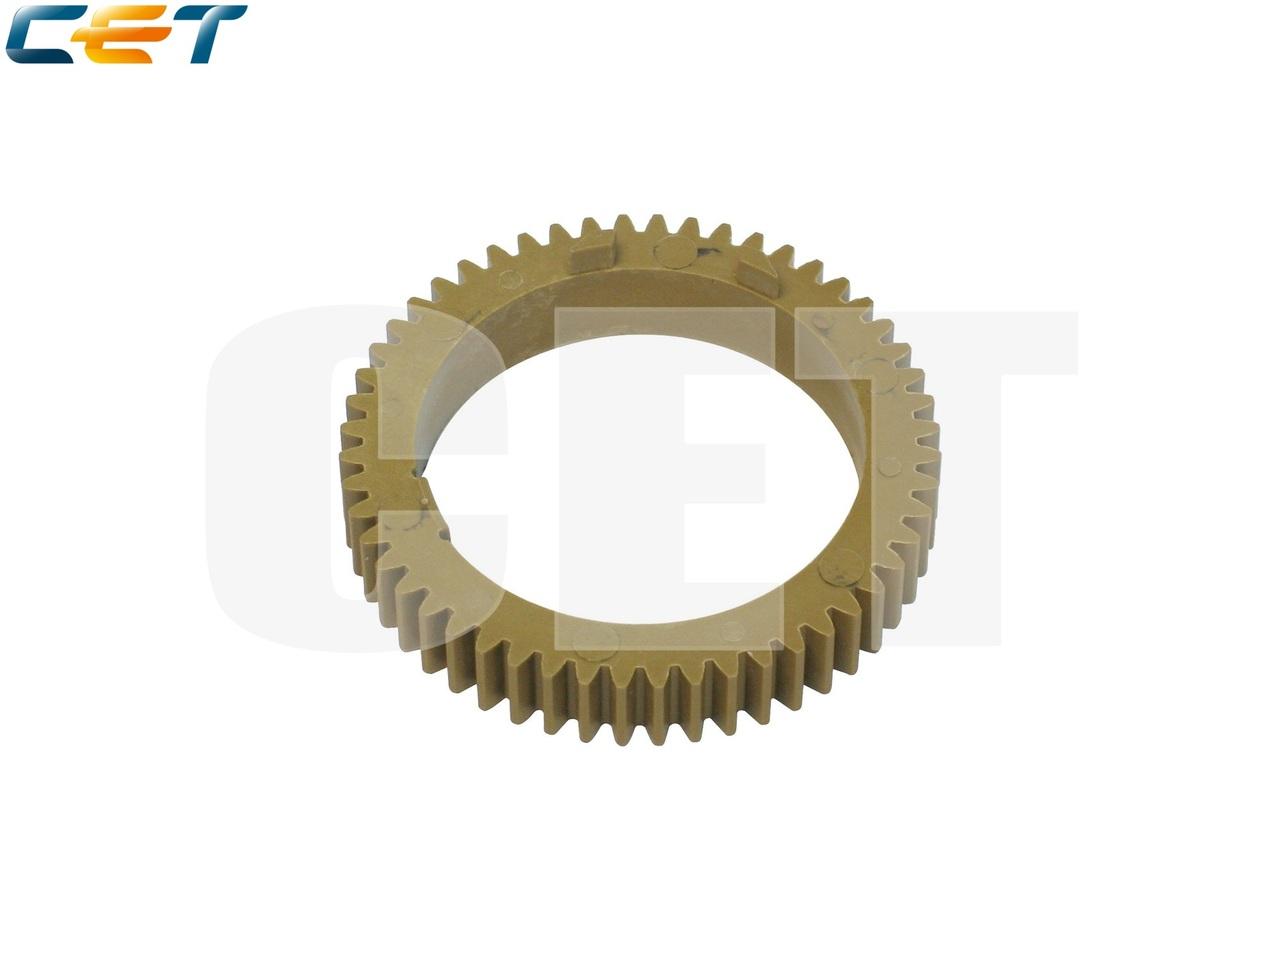 Шестерня привода тефлонового вала 52T FU6-0736-000 дляCANON iR5070/6570 (CET), CET2768